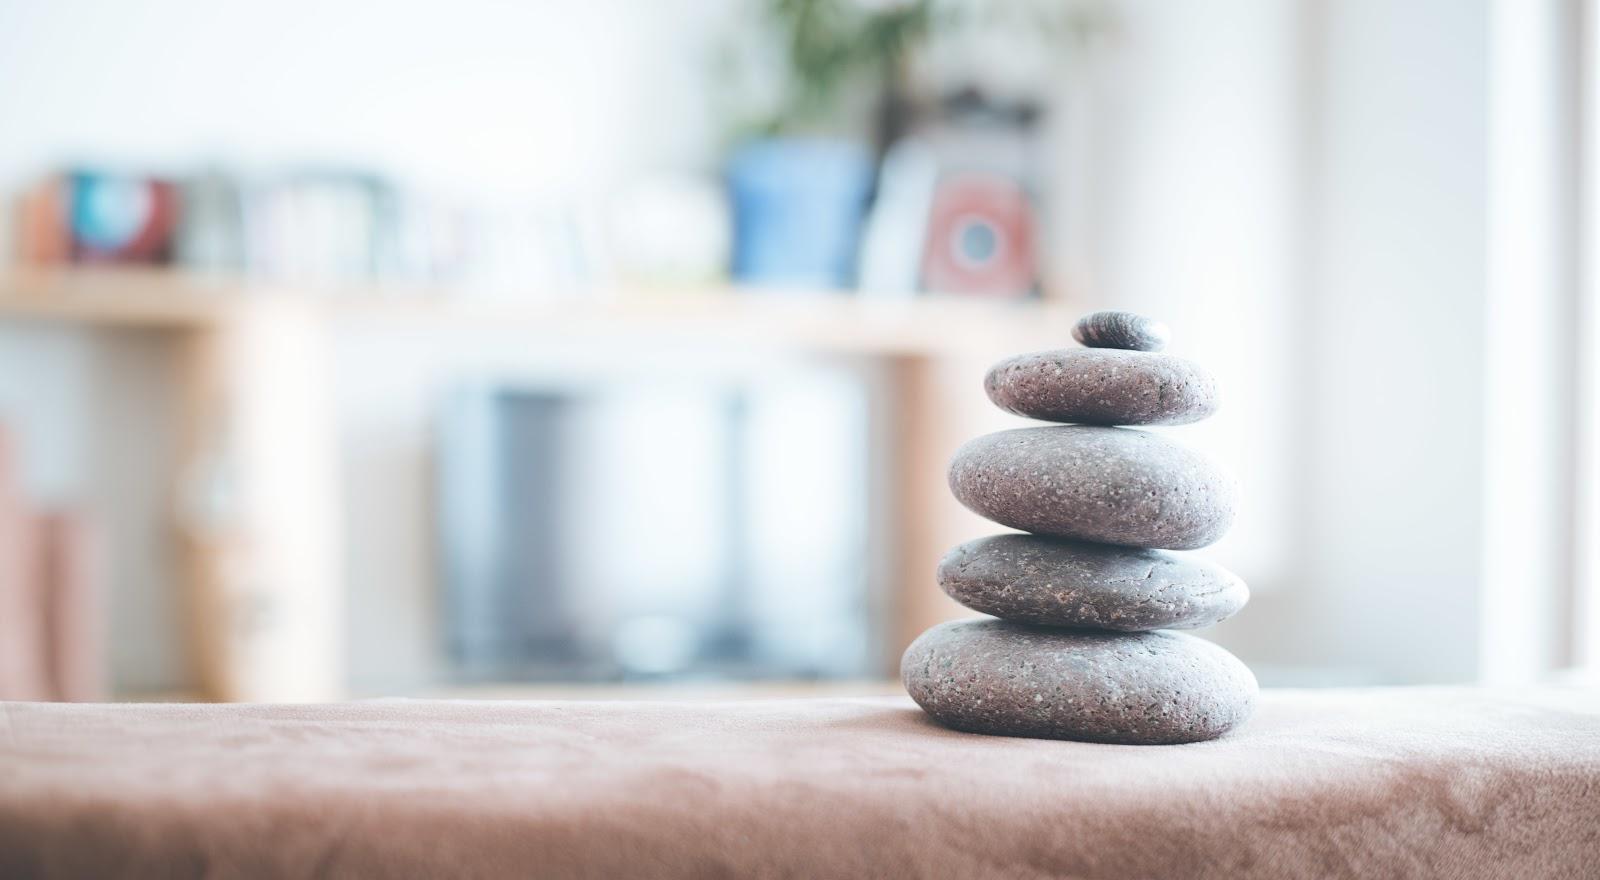 A zen setup of rocks displaying balance